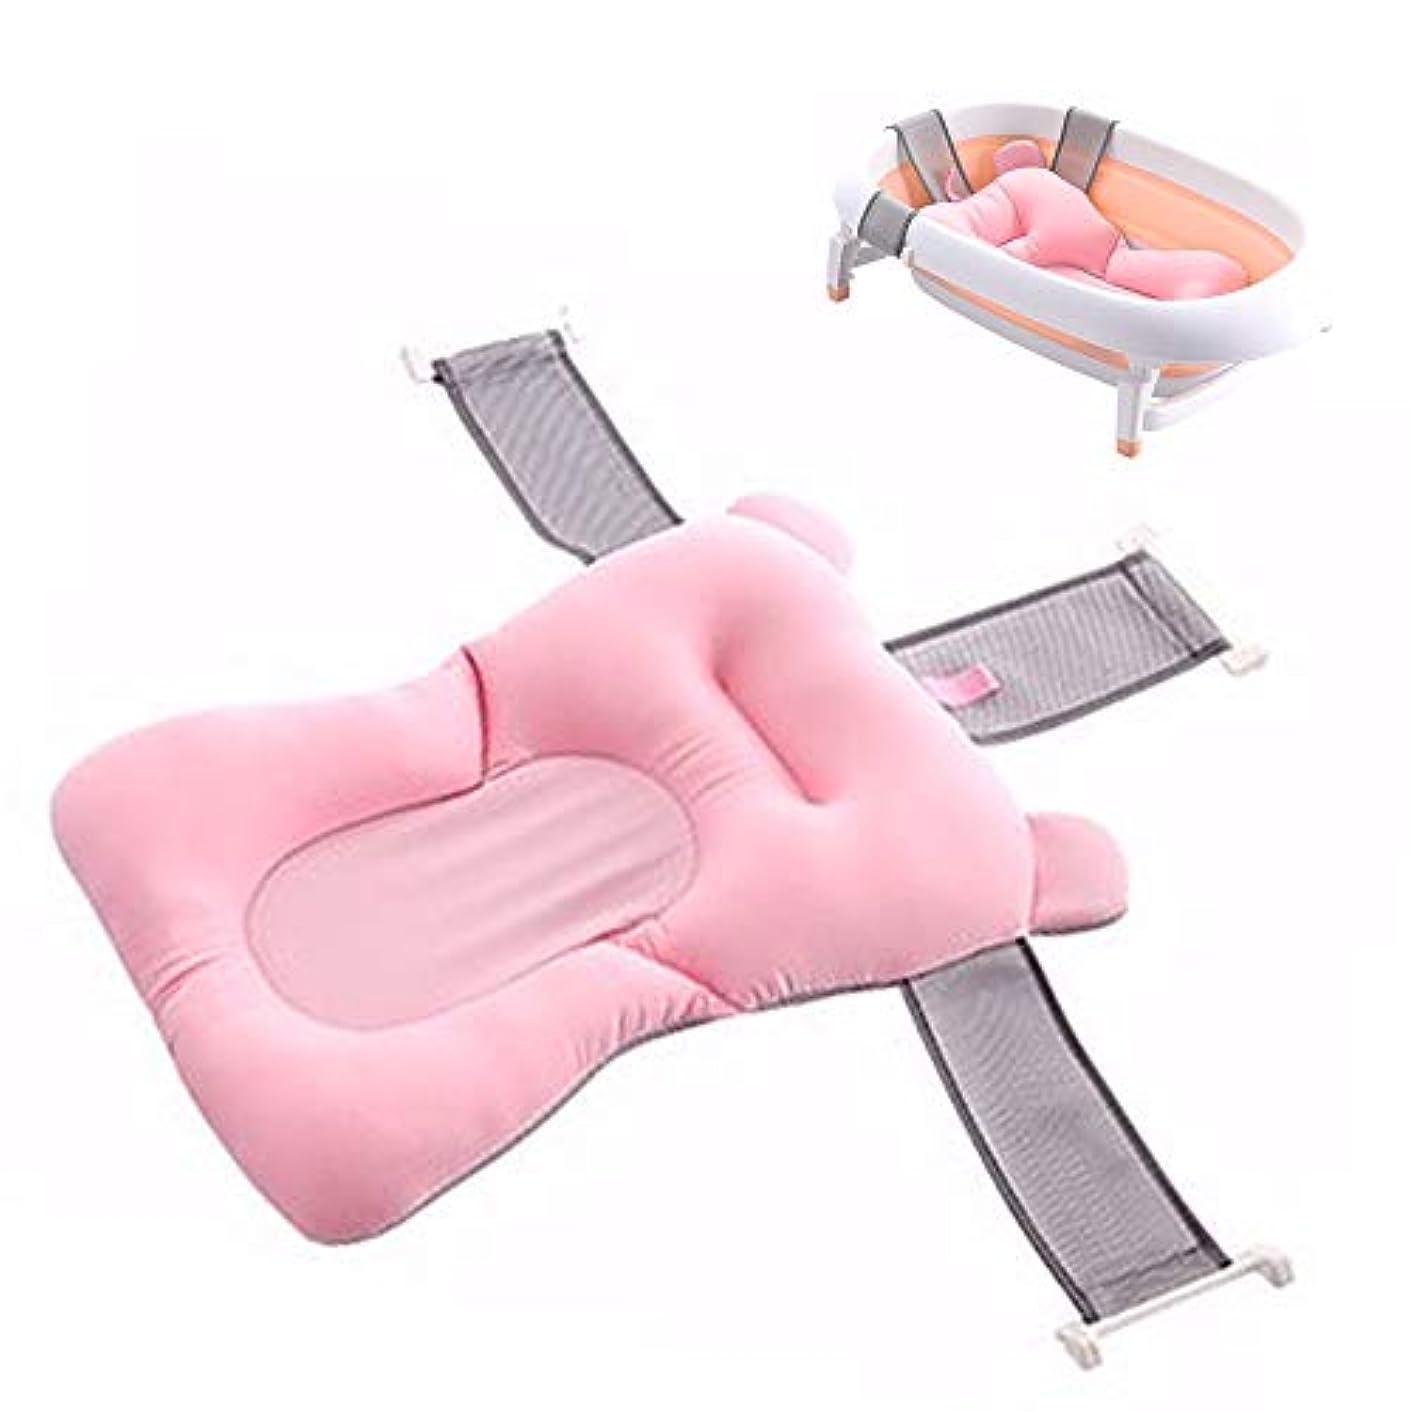 接続詞座標進行中赤ちゃん浴槽枕風呂クッション幼児ラウンジャーエアクッション柔らかい滑り止めバスシート用0-12ヶ月幼児,Pink